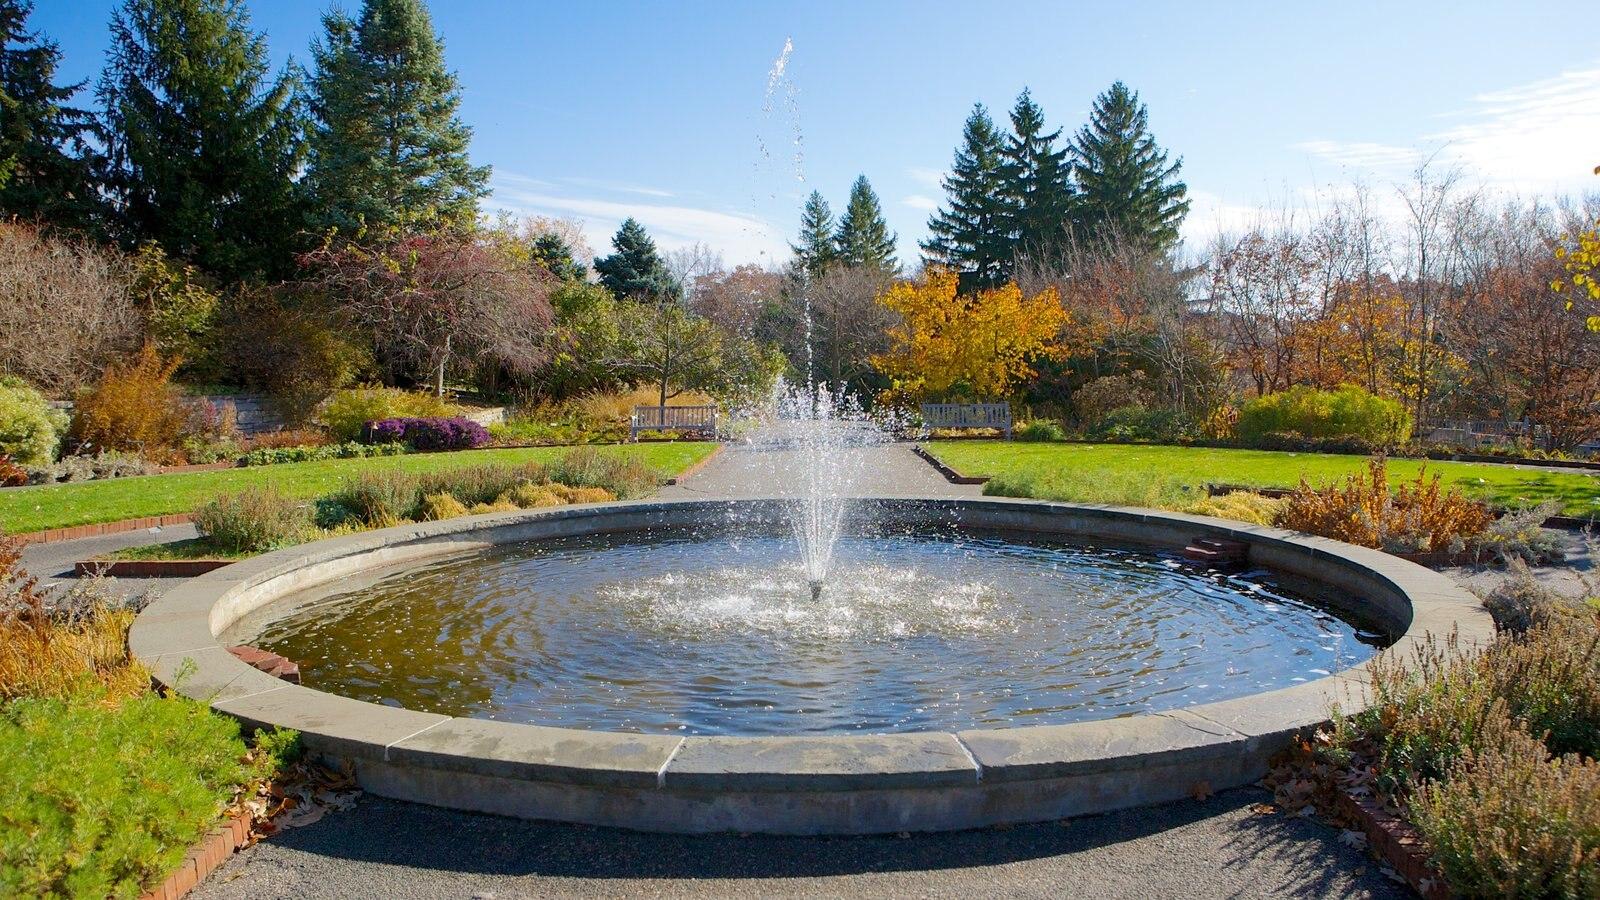 Minnesota Landscape Arboretum caracterizando um parque, uma fonte e paisagem